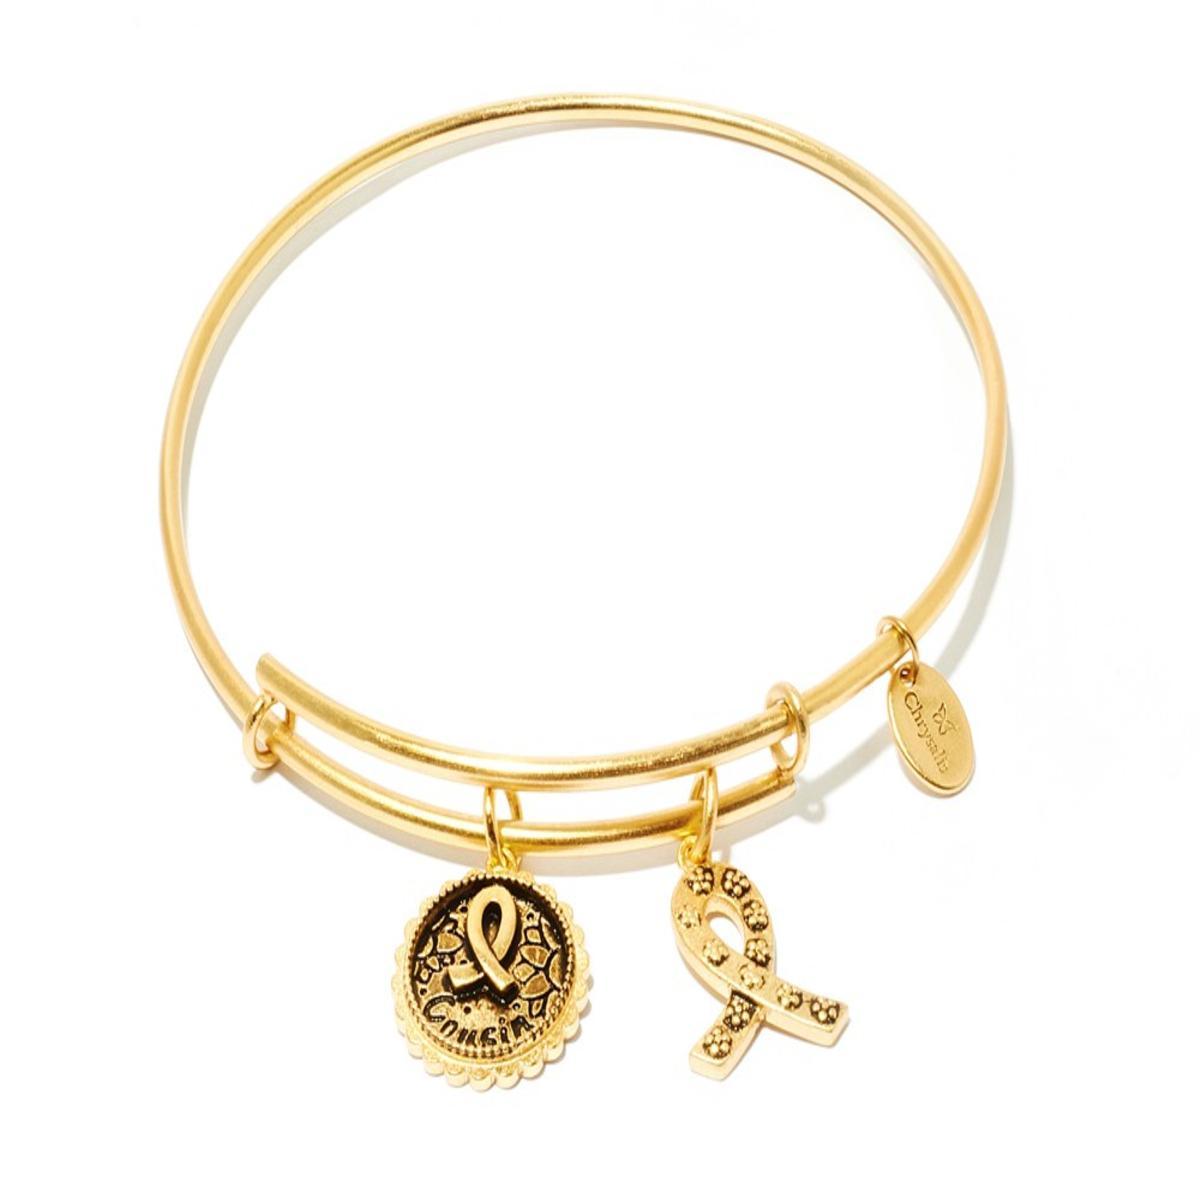 Bracelet Chrysalis Friends & Family Cousin laiton plaqué Or